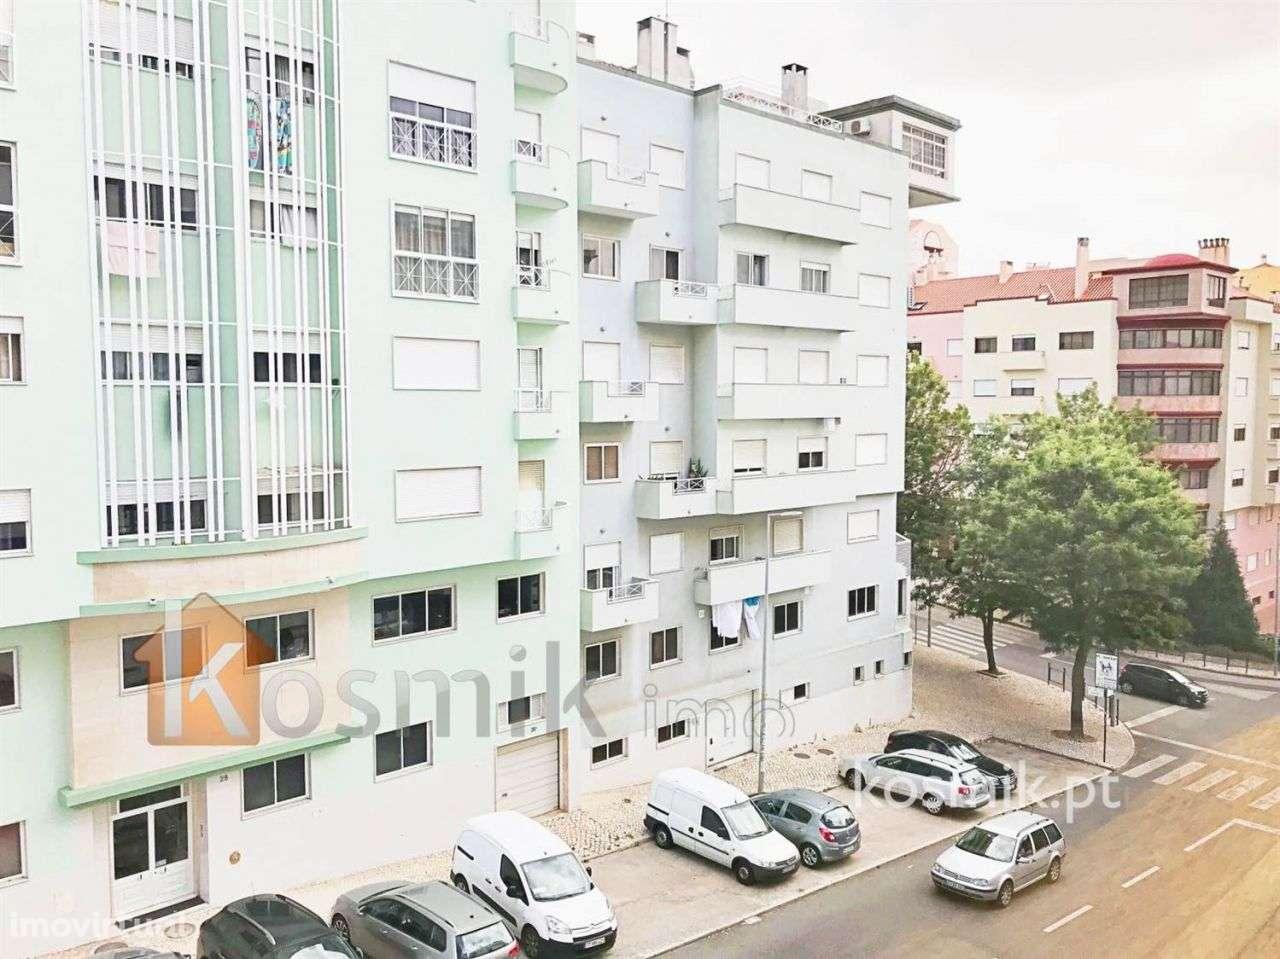 Apartamento para comprar, Ramada e Caneças, Lisboa - Foto 45